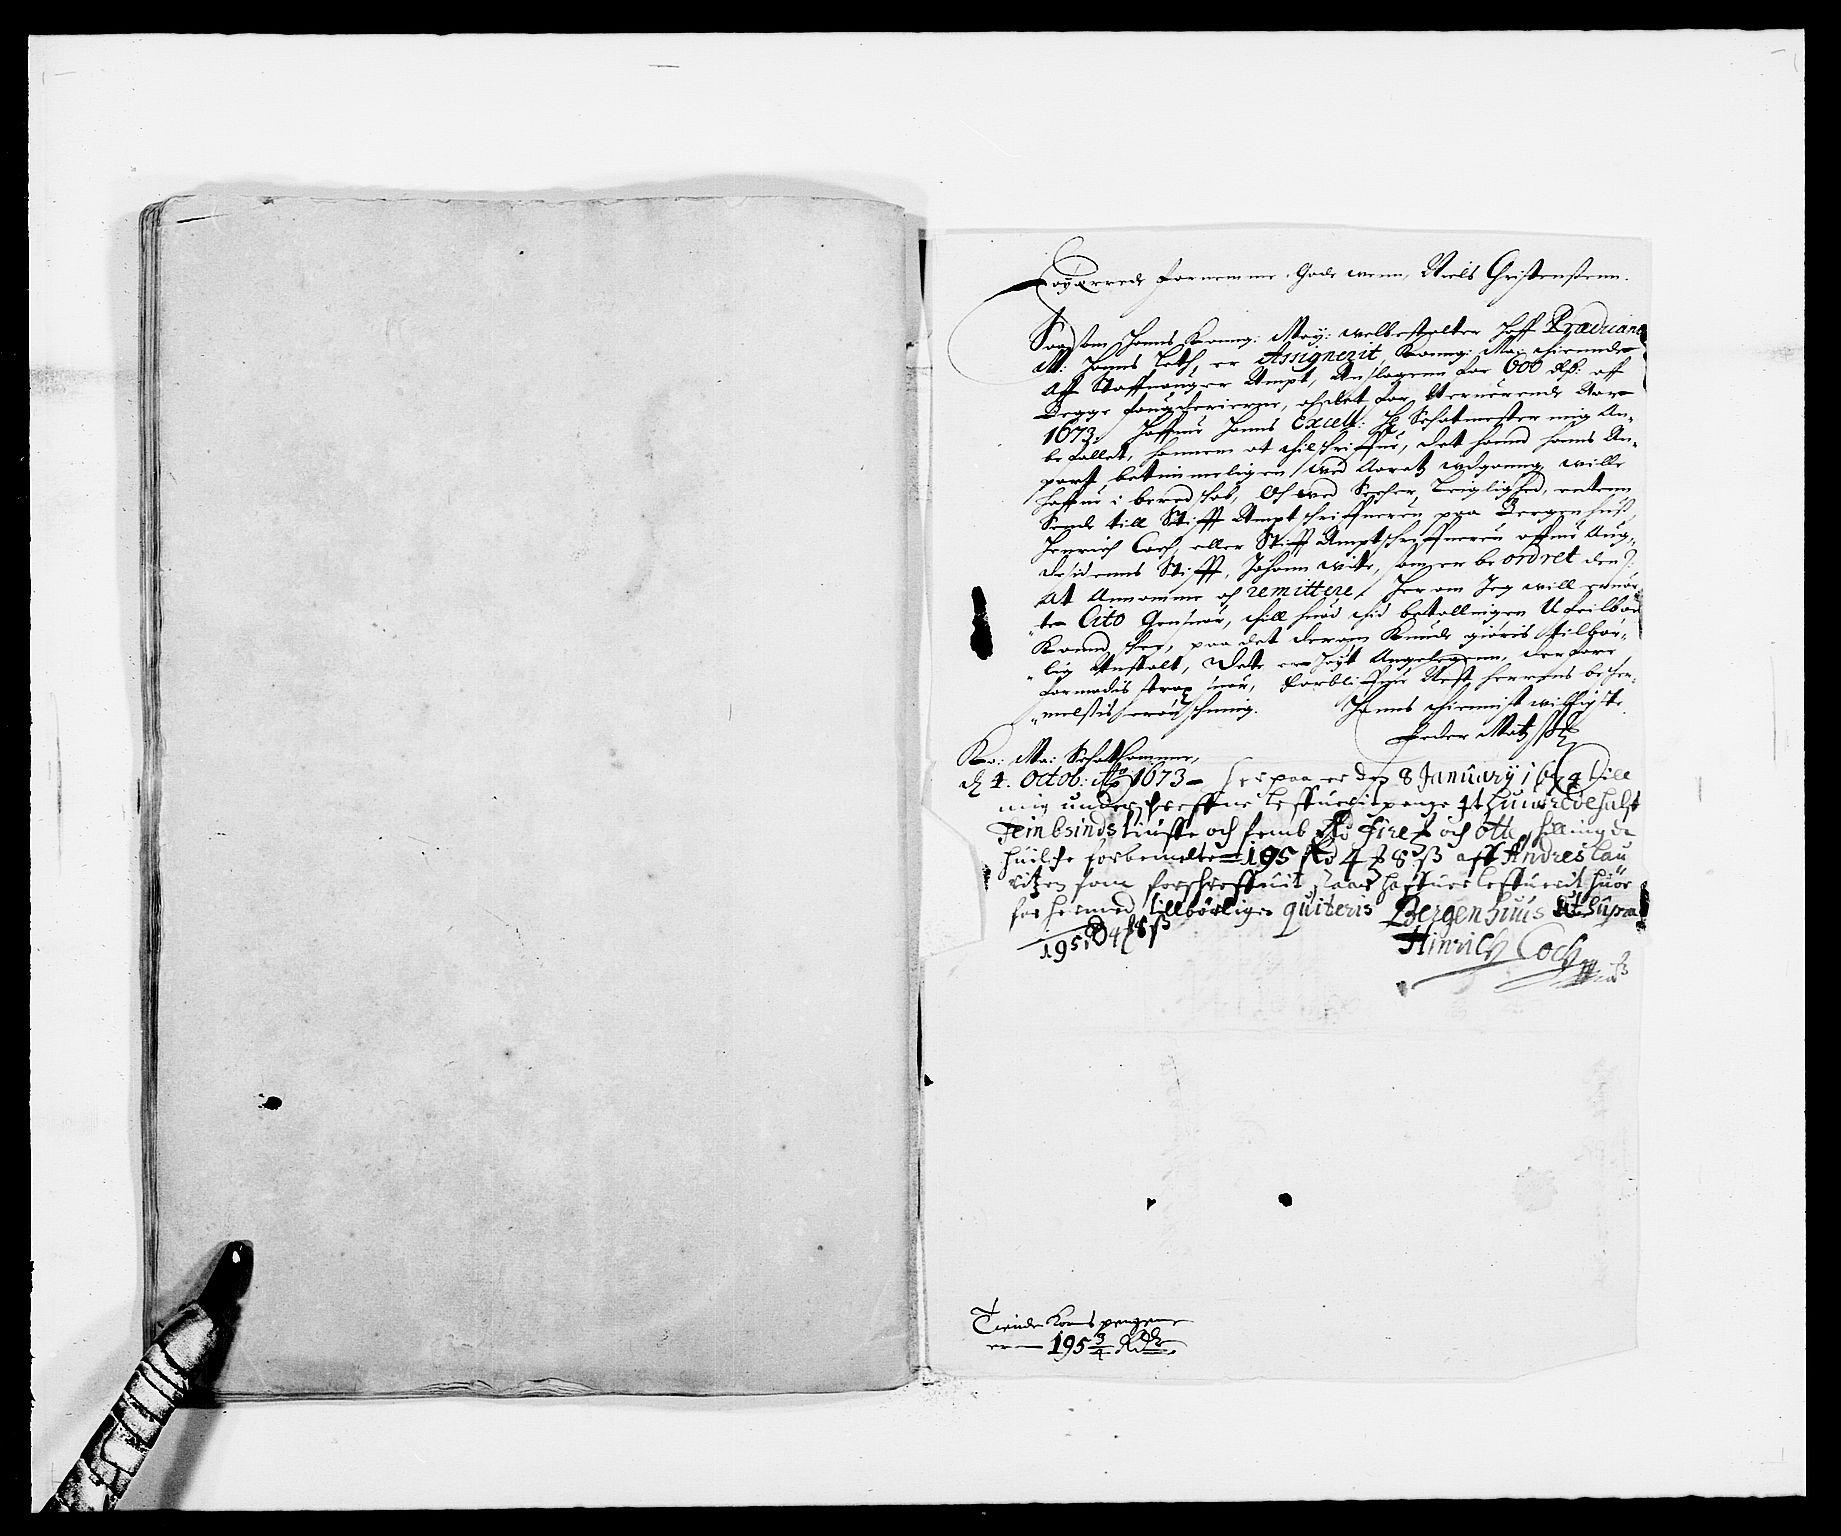 RA, Rentekammeret inntil 1814, Reviderte regnskaper, Fogderegnskap, R47/L2844: Fogderegnskap Ryfylke, 1672-1673, s. 255